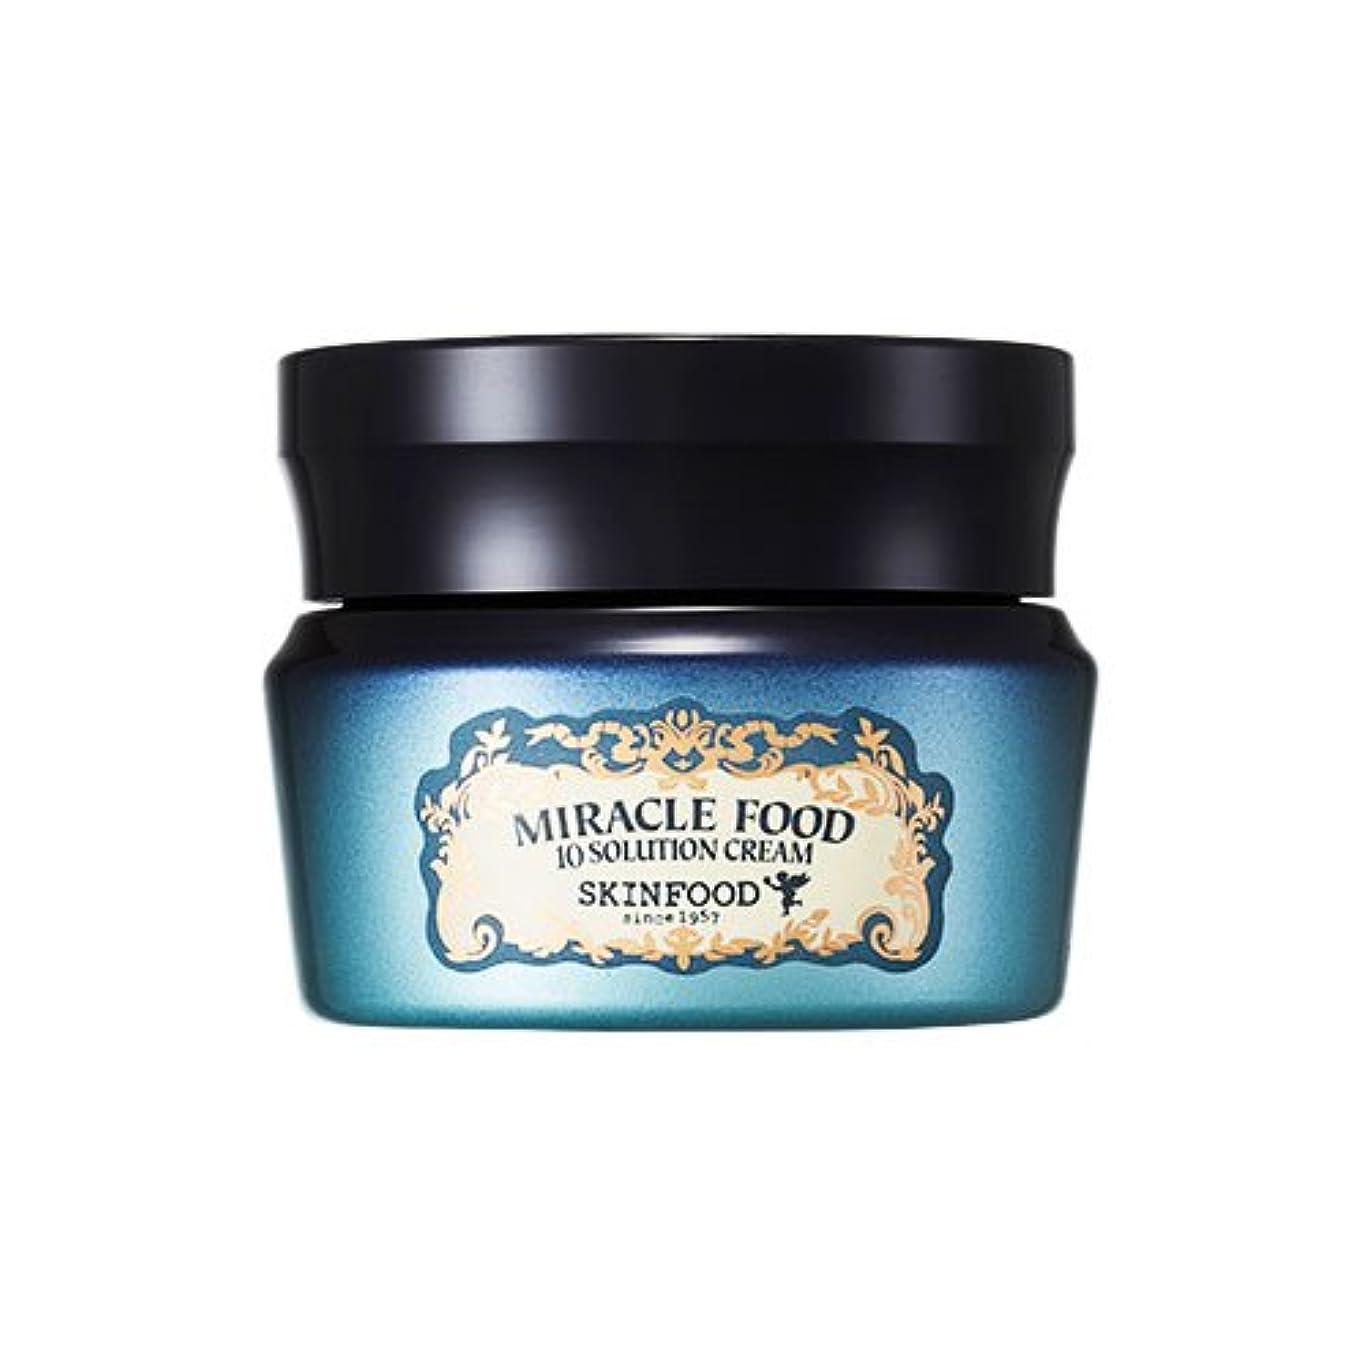 混合した熟す与えるSkinfood ミラクルフード10ソリューションクリーム(美白効果としわ防止効果) / Miracle Food 10 Solution Cream (Skin-Brightening and Anti-Wrinkle...